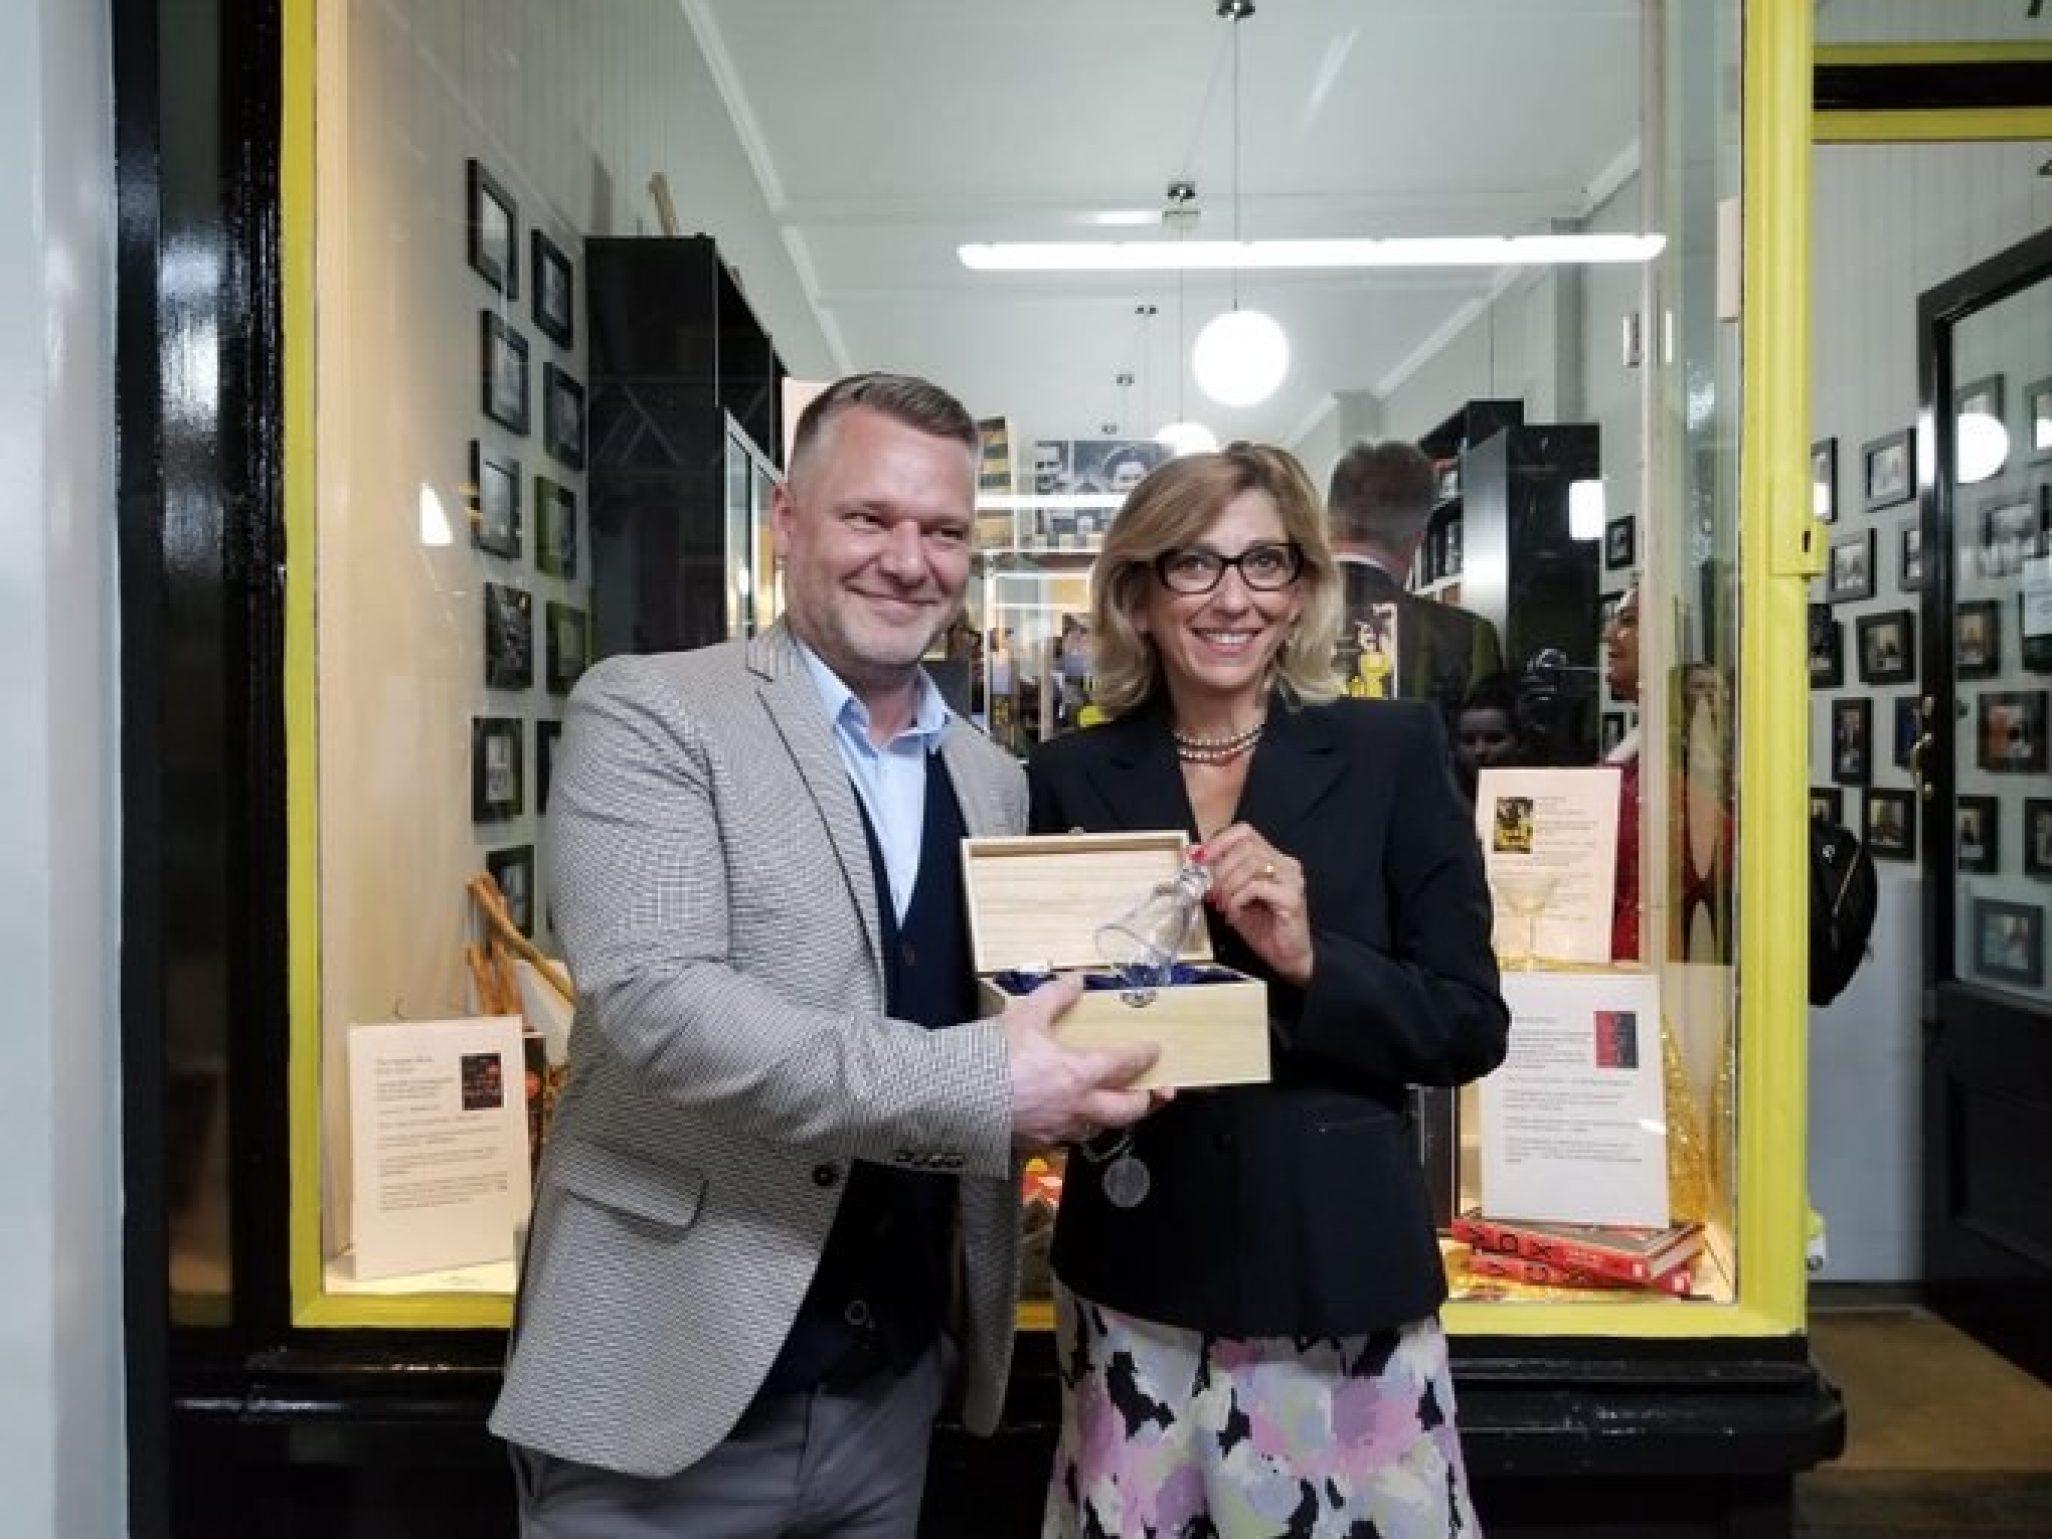 VOX Wins Glass Bell Award 2019